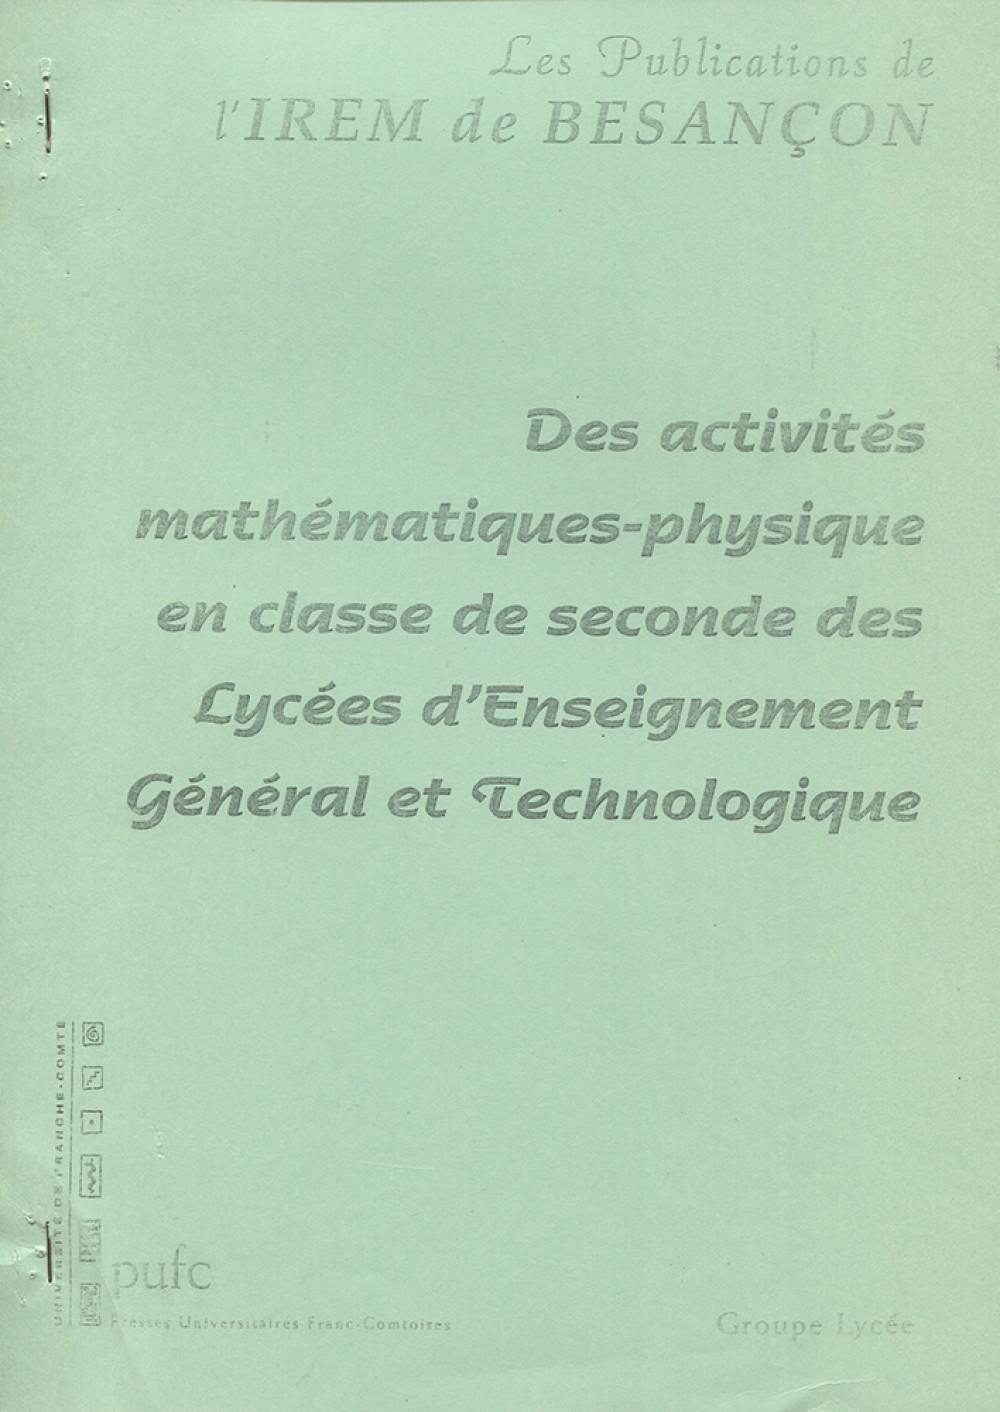 Des activités mathématiques-physique en classe de seconde des lycées d'enseignement général et technologique